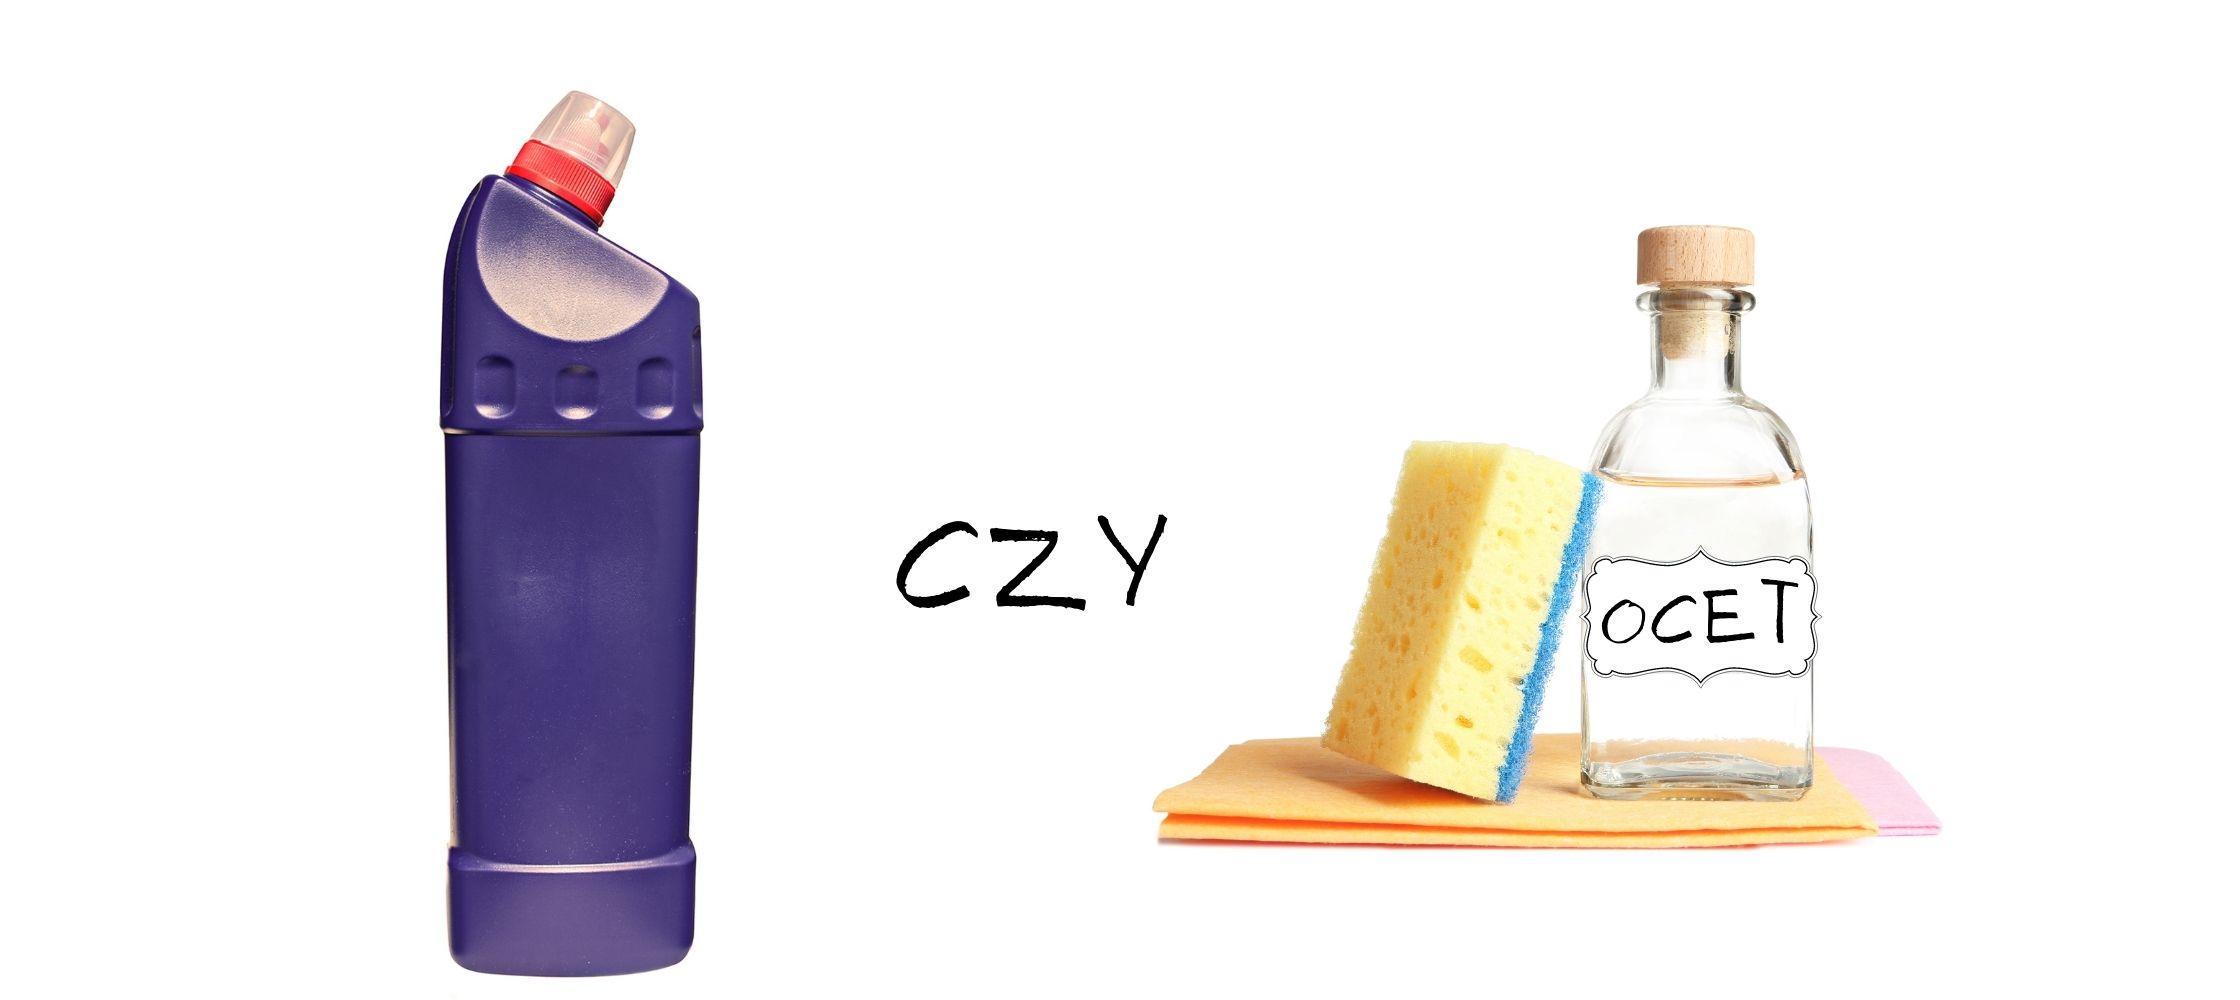 ocet dezynfekcja mamachemik.pl